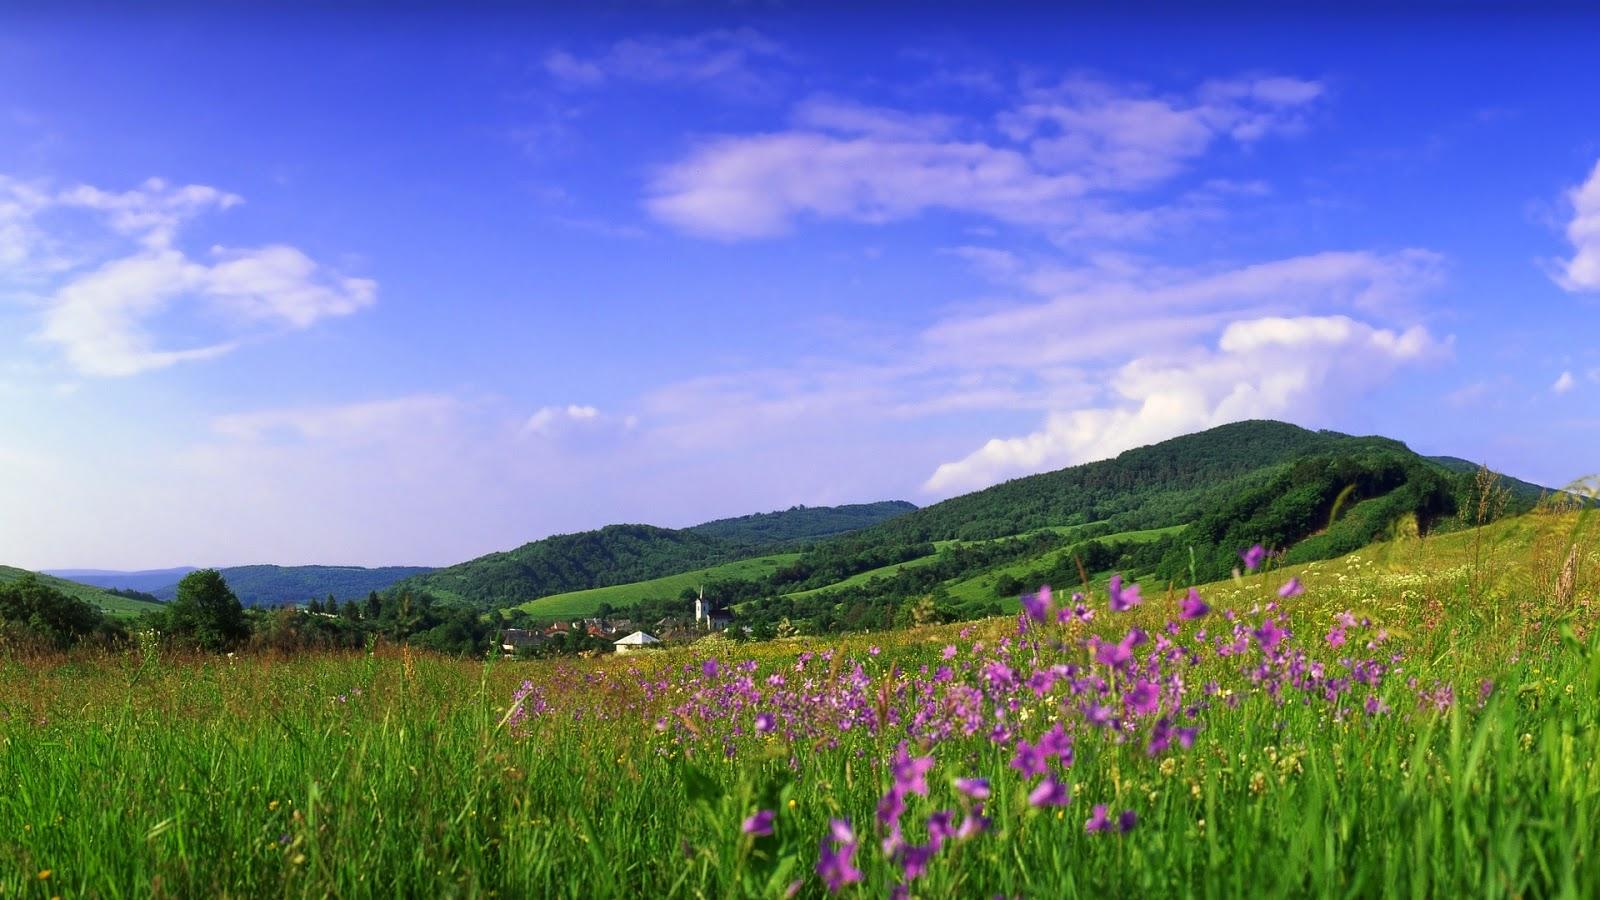 Wallpaper met heuvels met paarse bloemen